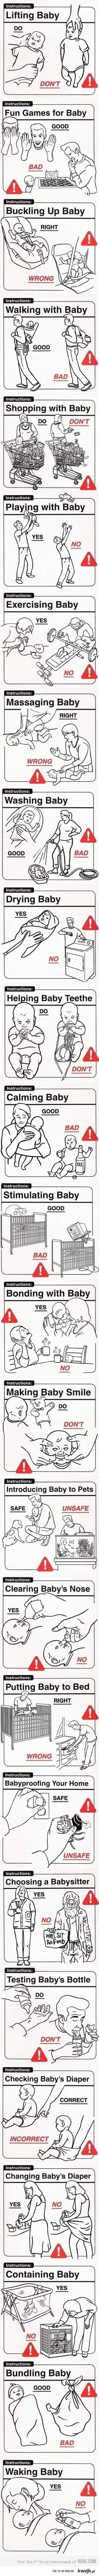 Jak postępować z dzieckiem.